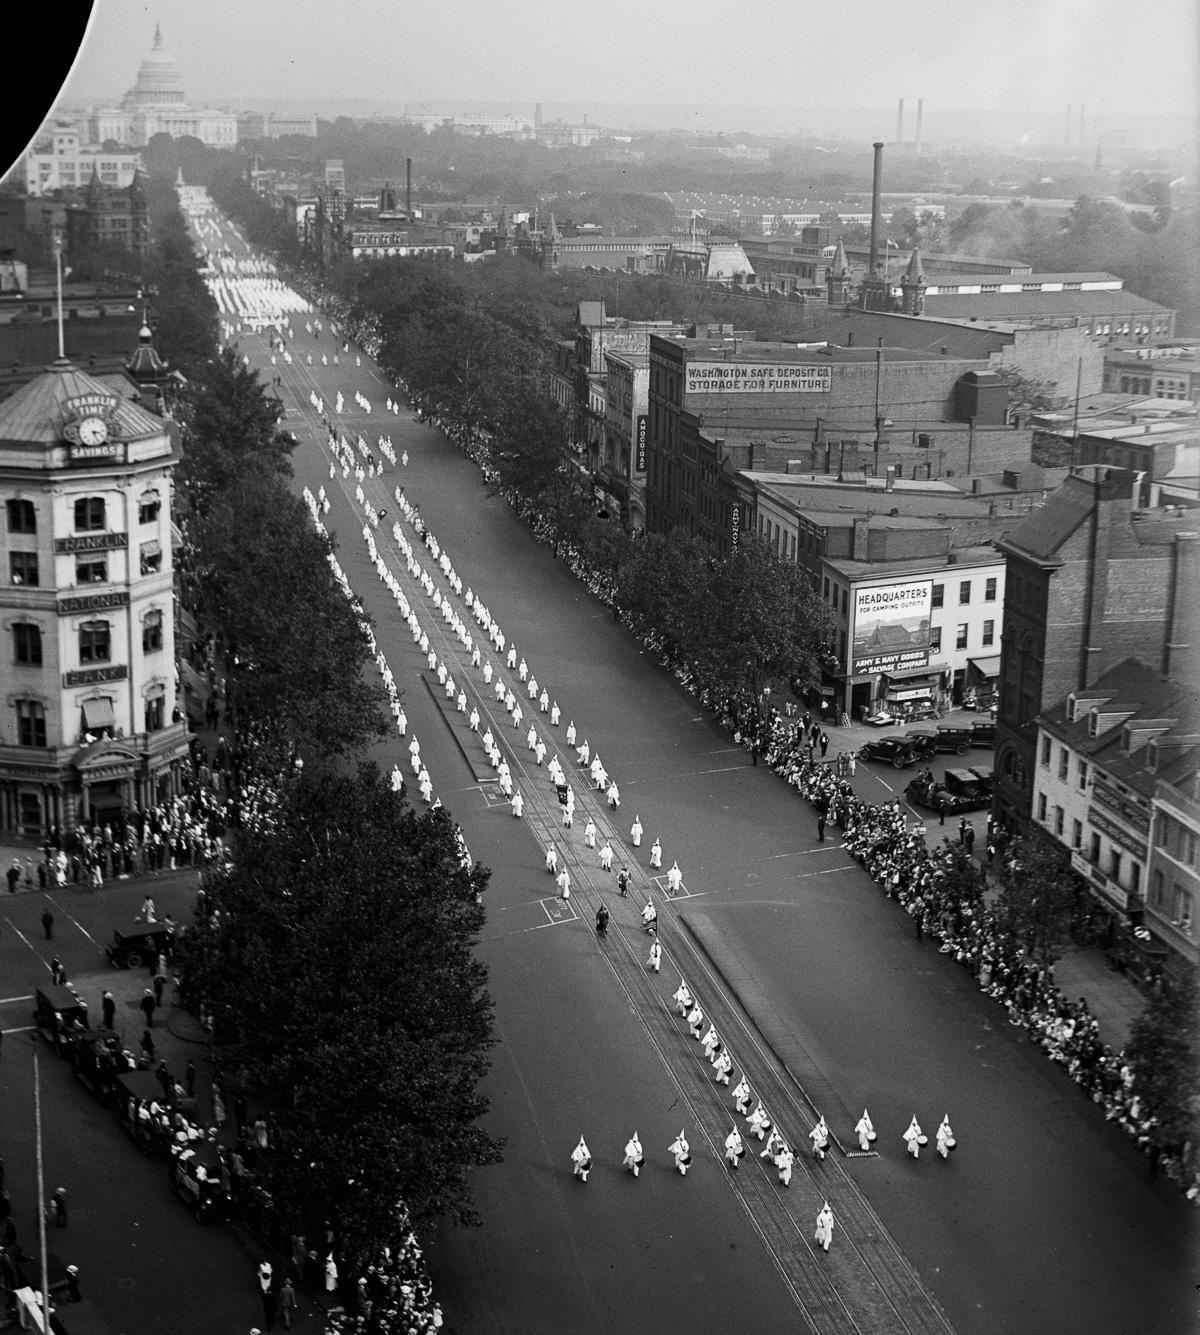 Ku Klux Klan parade 1926